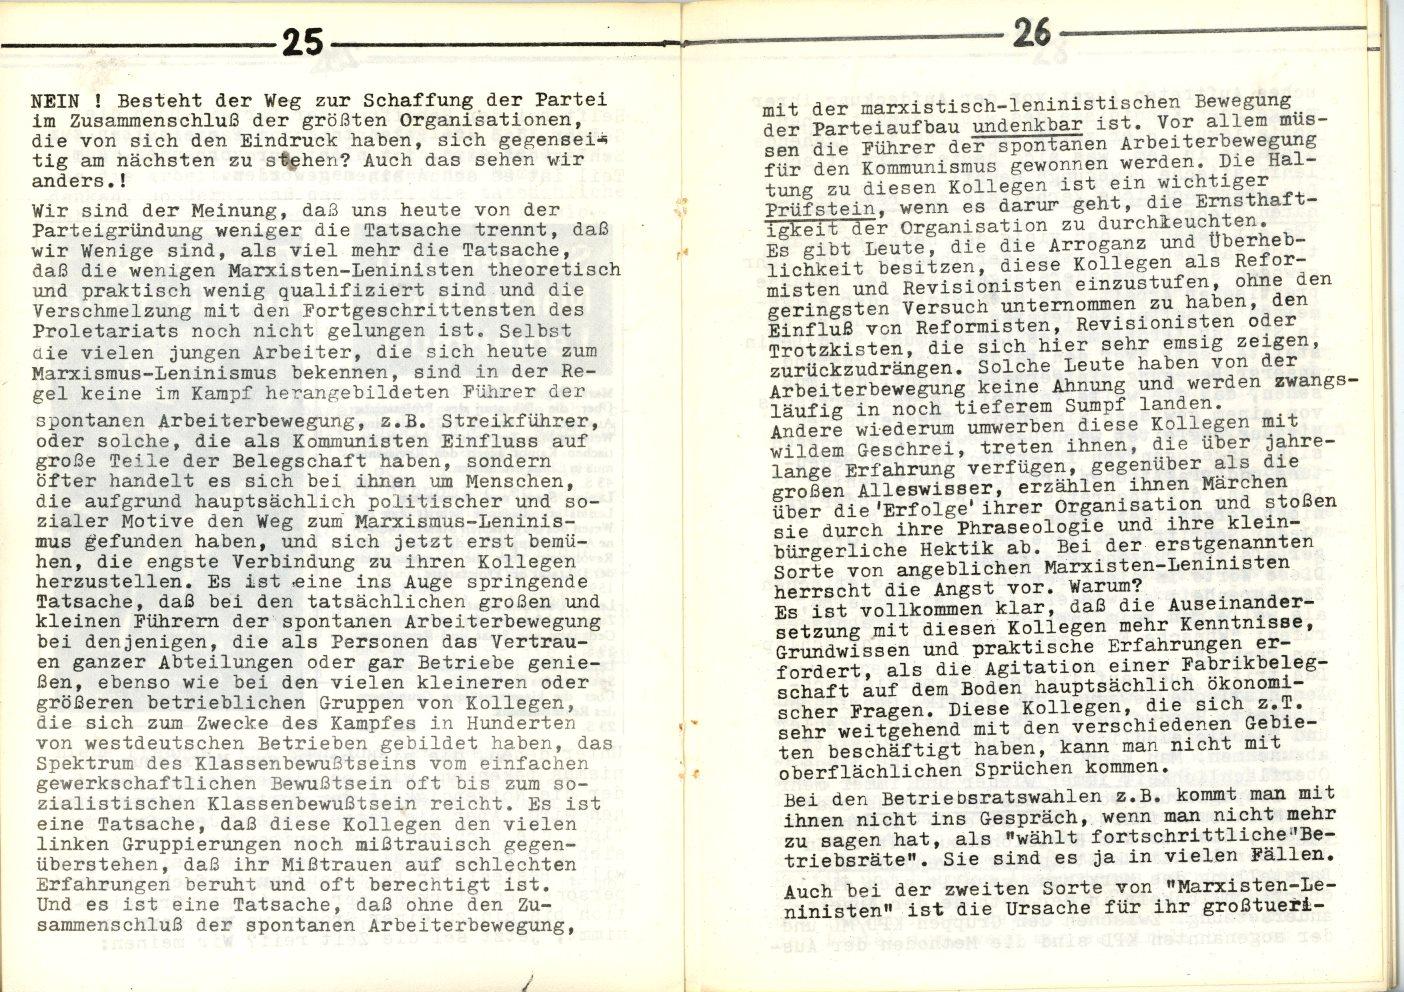 Frankfurt_KABD_zum_Ersten_Mai_1976_14